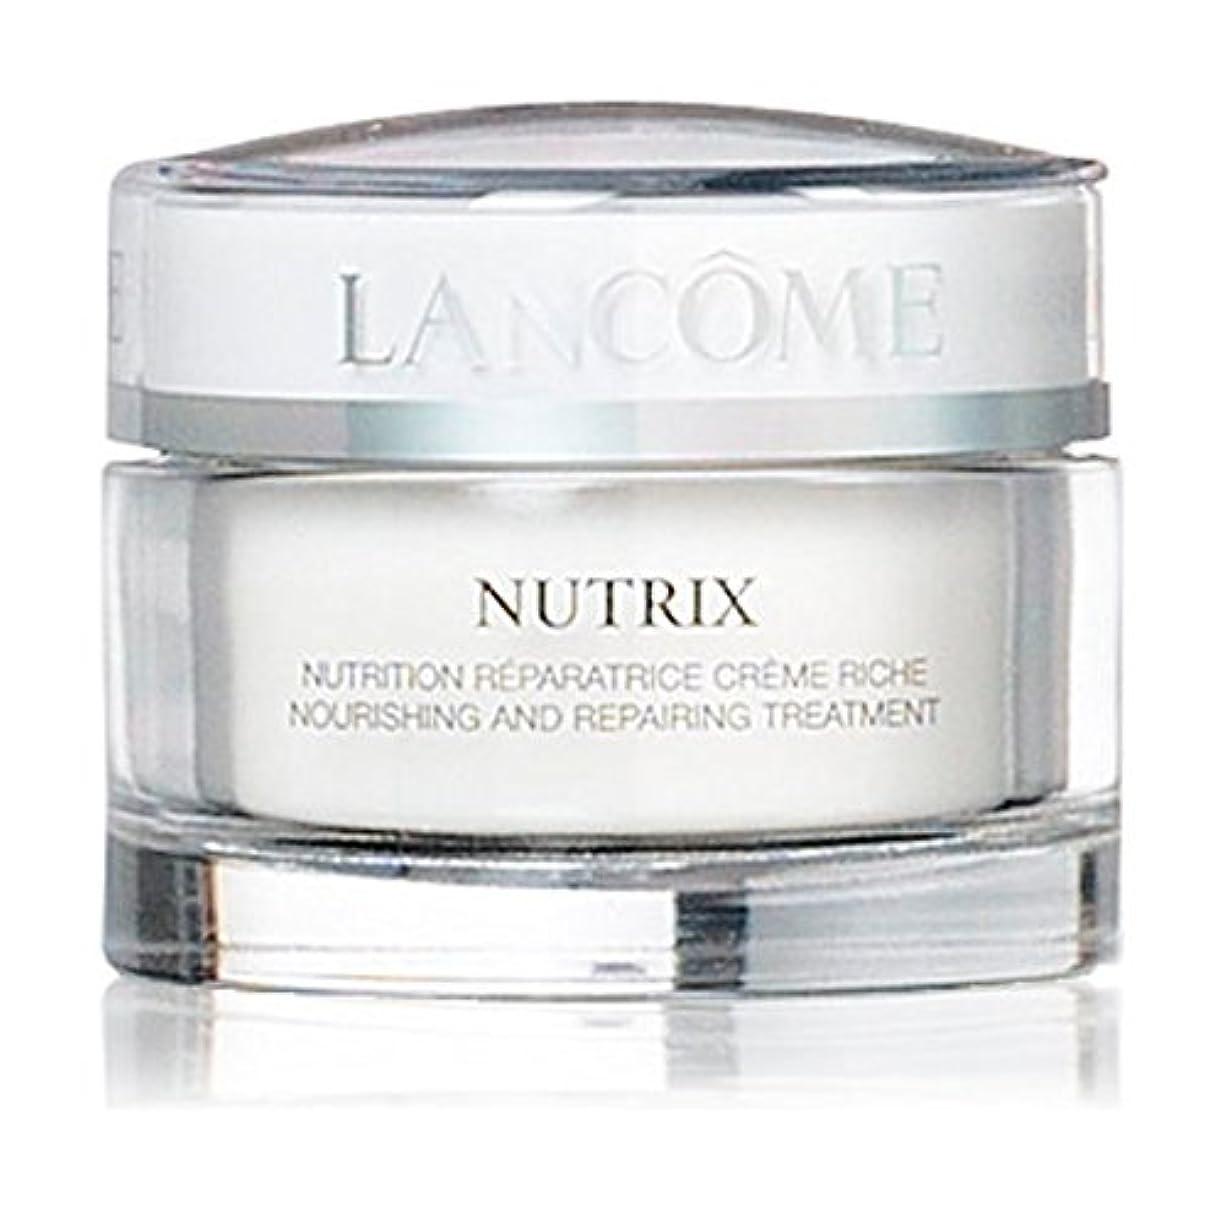 エクステントシアー乳製品ランコム Nutrix Nourishing And Repairing Treatment Rich Cream - For Very Dry, Sensitive Or Irritated Skin 50ml/1.7oz...